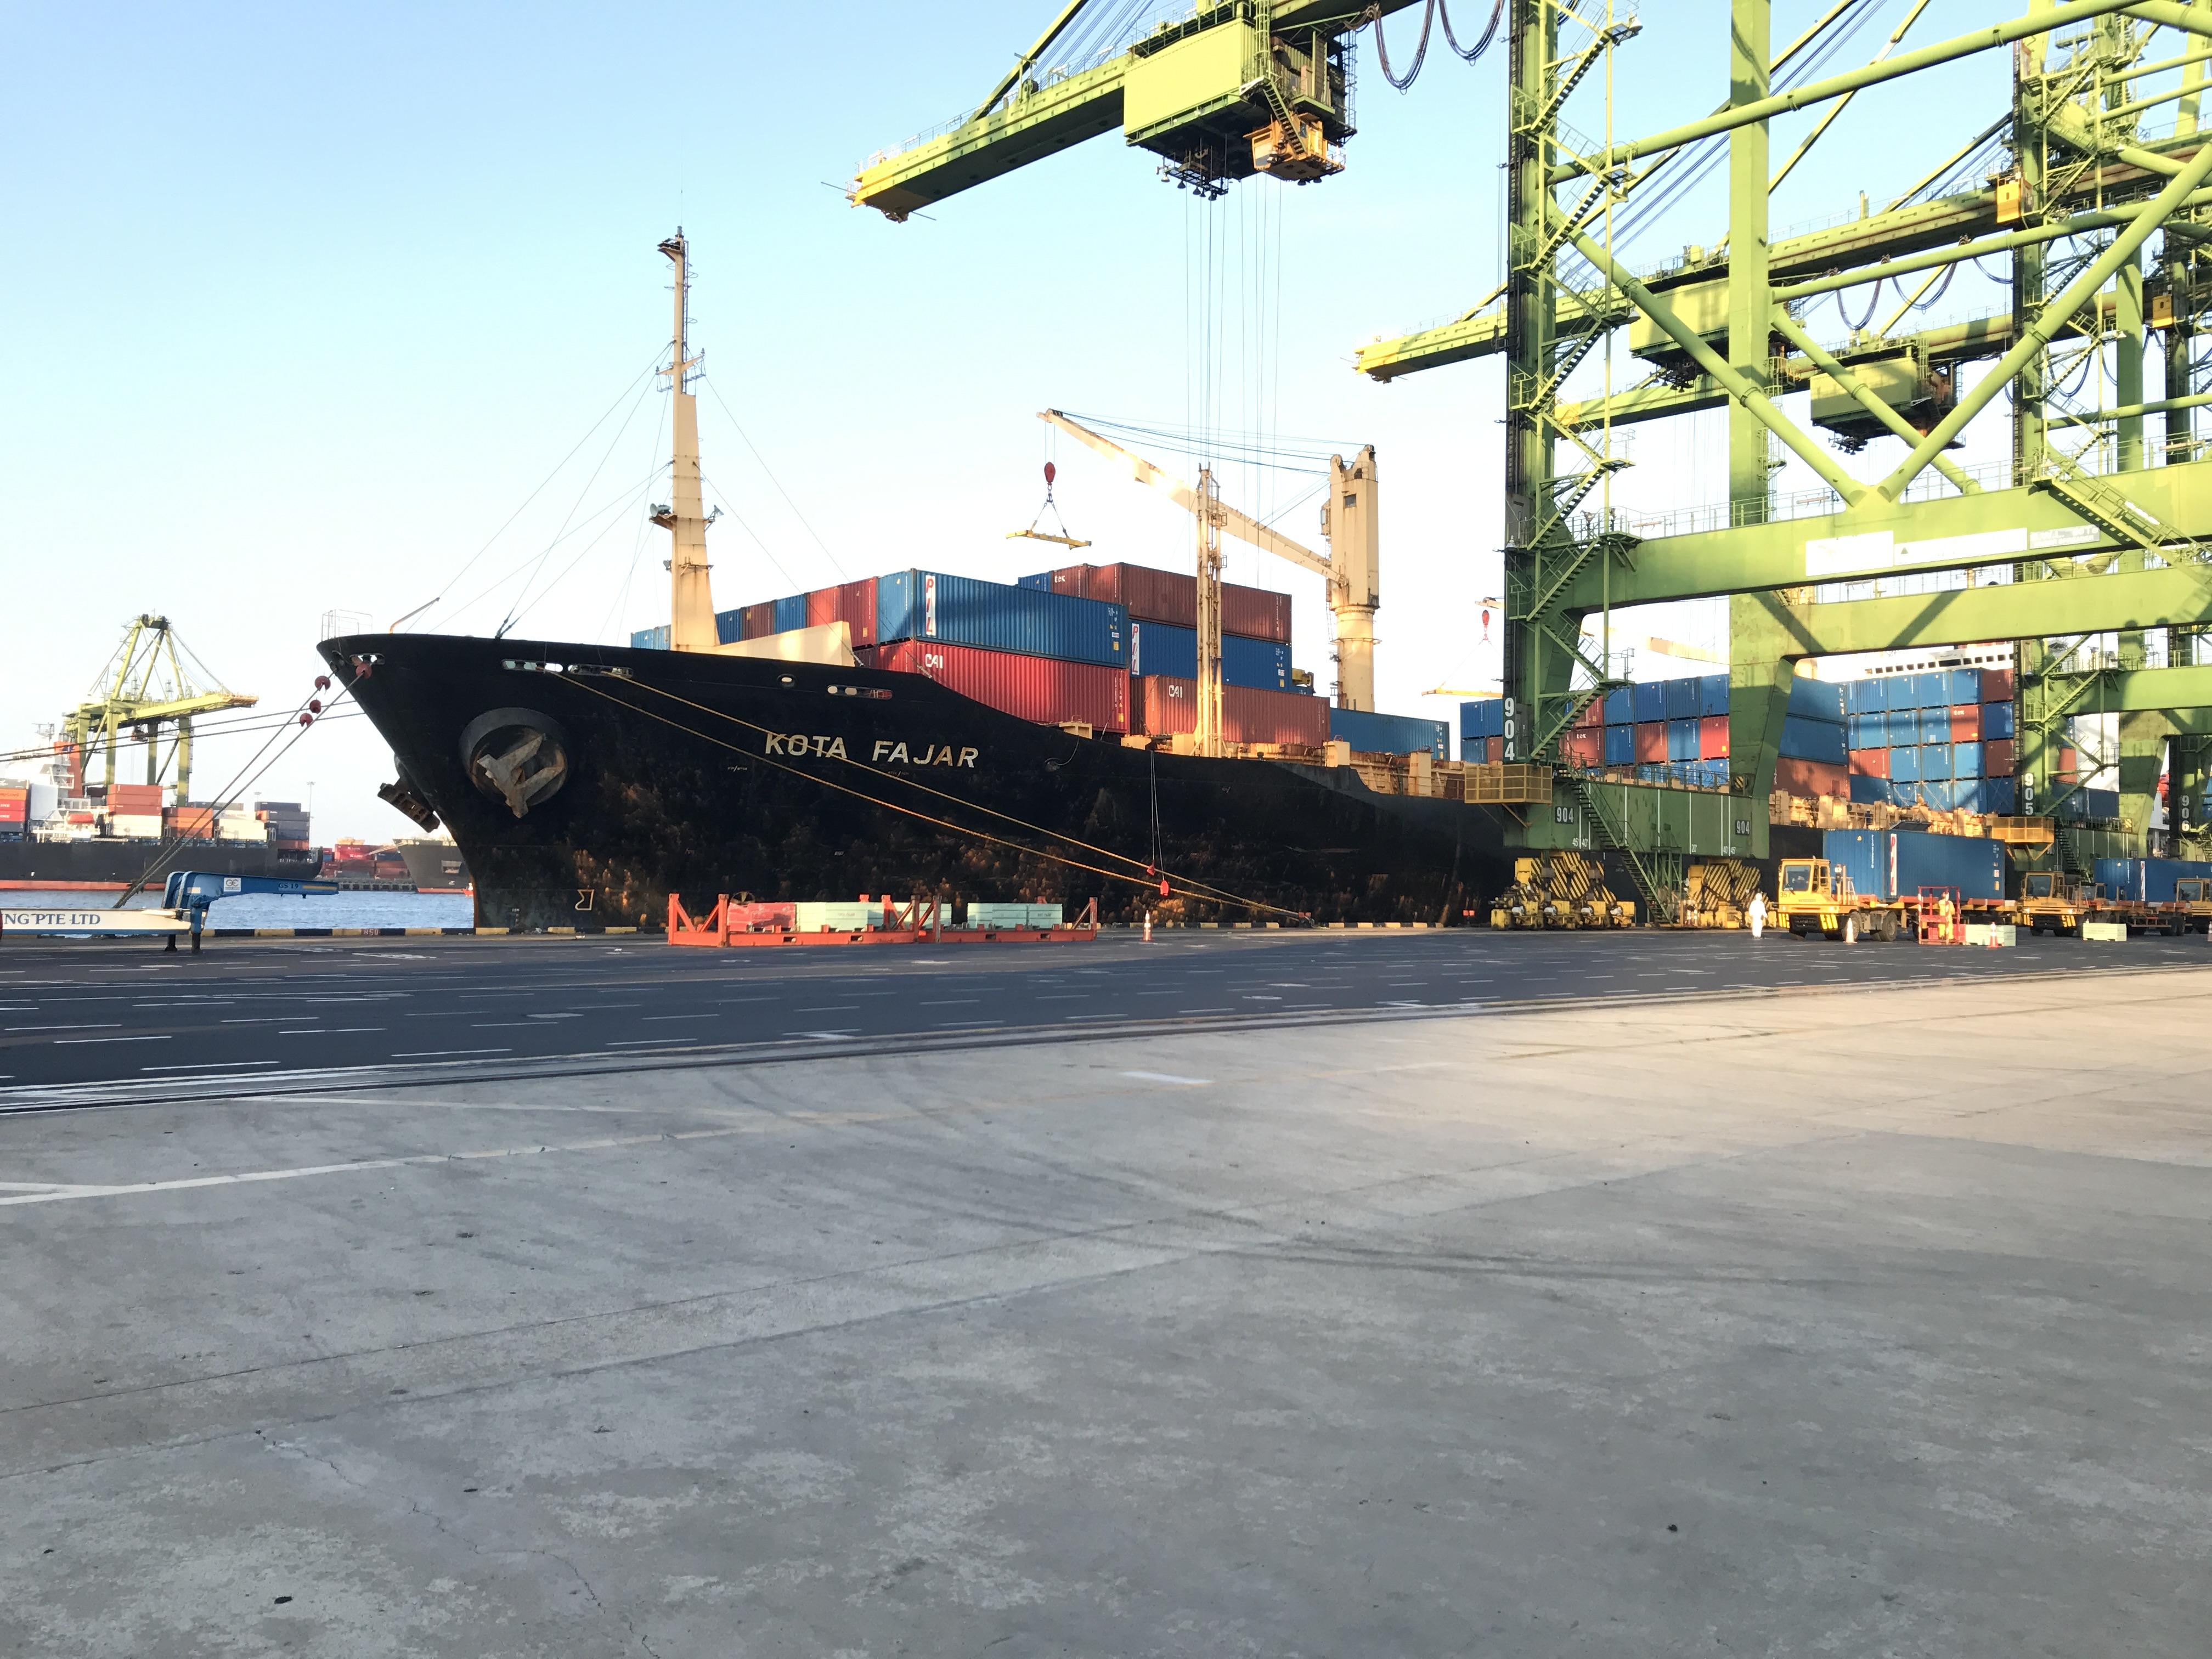 """MV """"Kota Fajar"""" at berth (Port of Singapore)"""